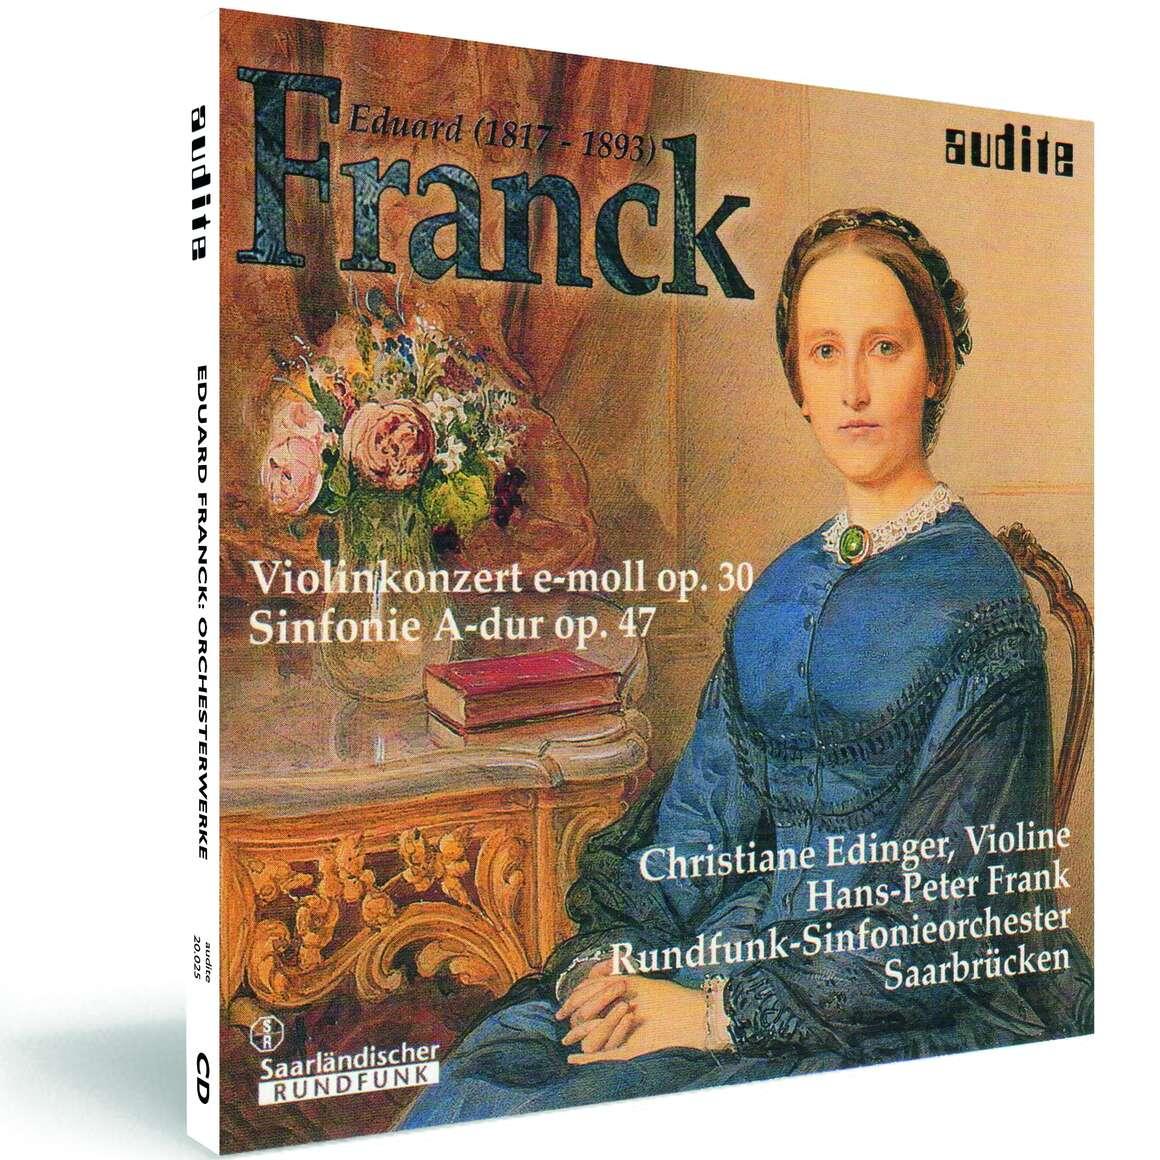 E. Franck: Orchestral Works I